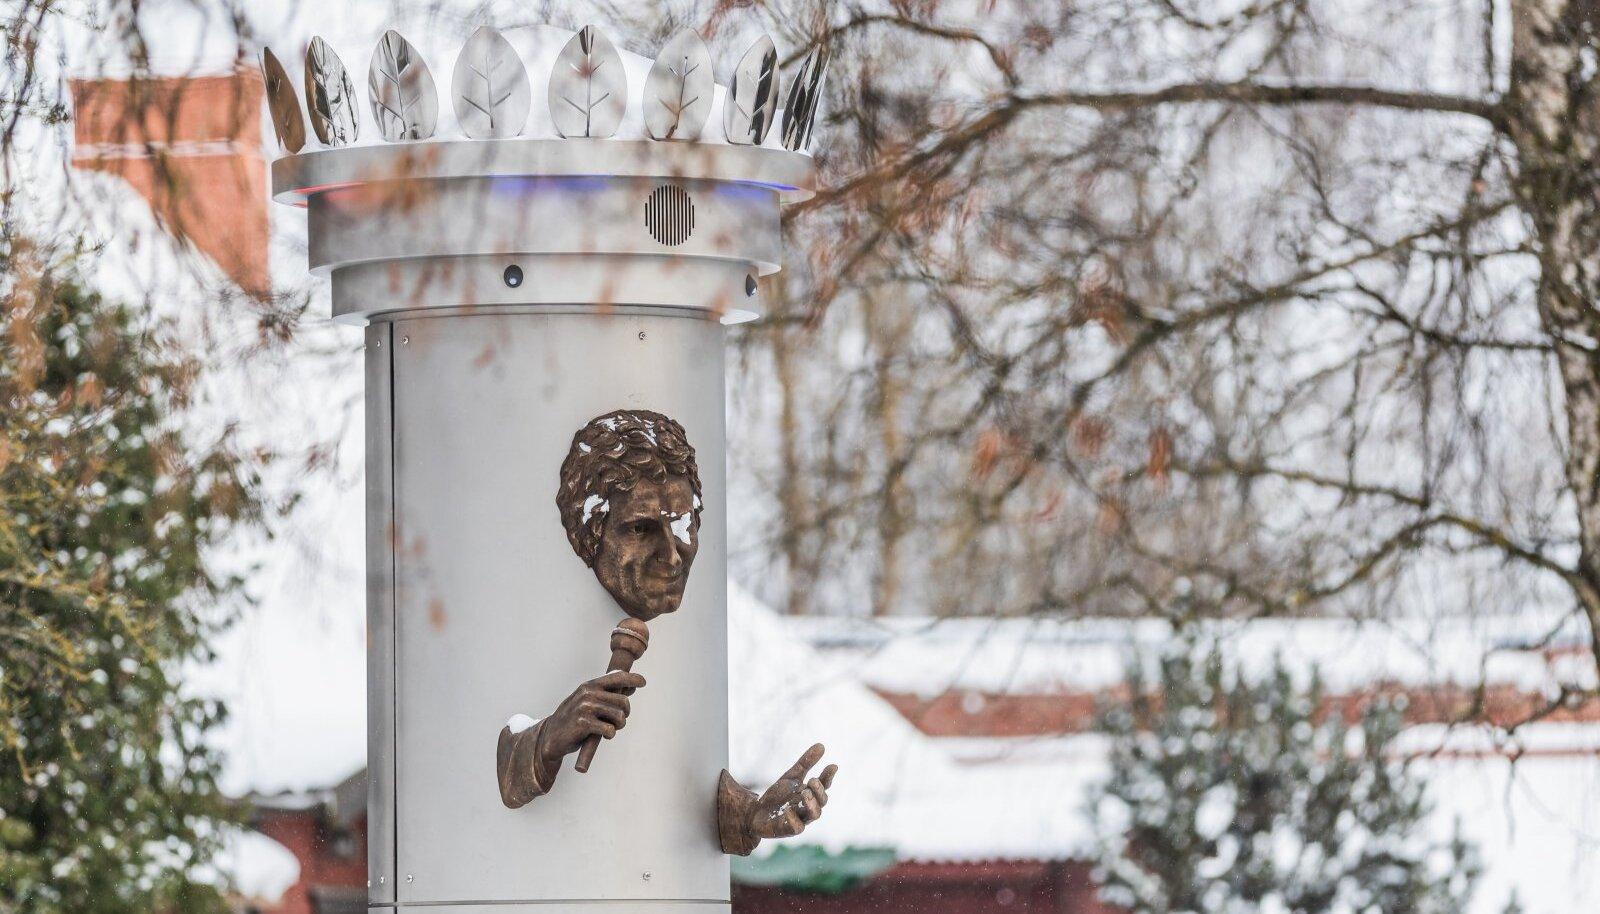 KUHU KAOB RAHA? Viljandi andis Jaak Joala monumendi püstitamiseks 50 tuhat eurot, kuid oma sobimatuse tõttu arvatavasti linna püsti ei jää.